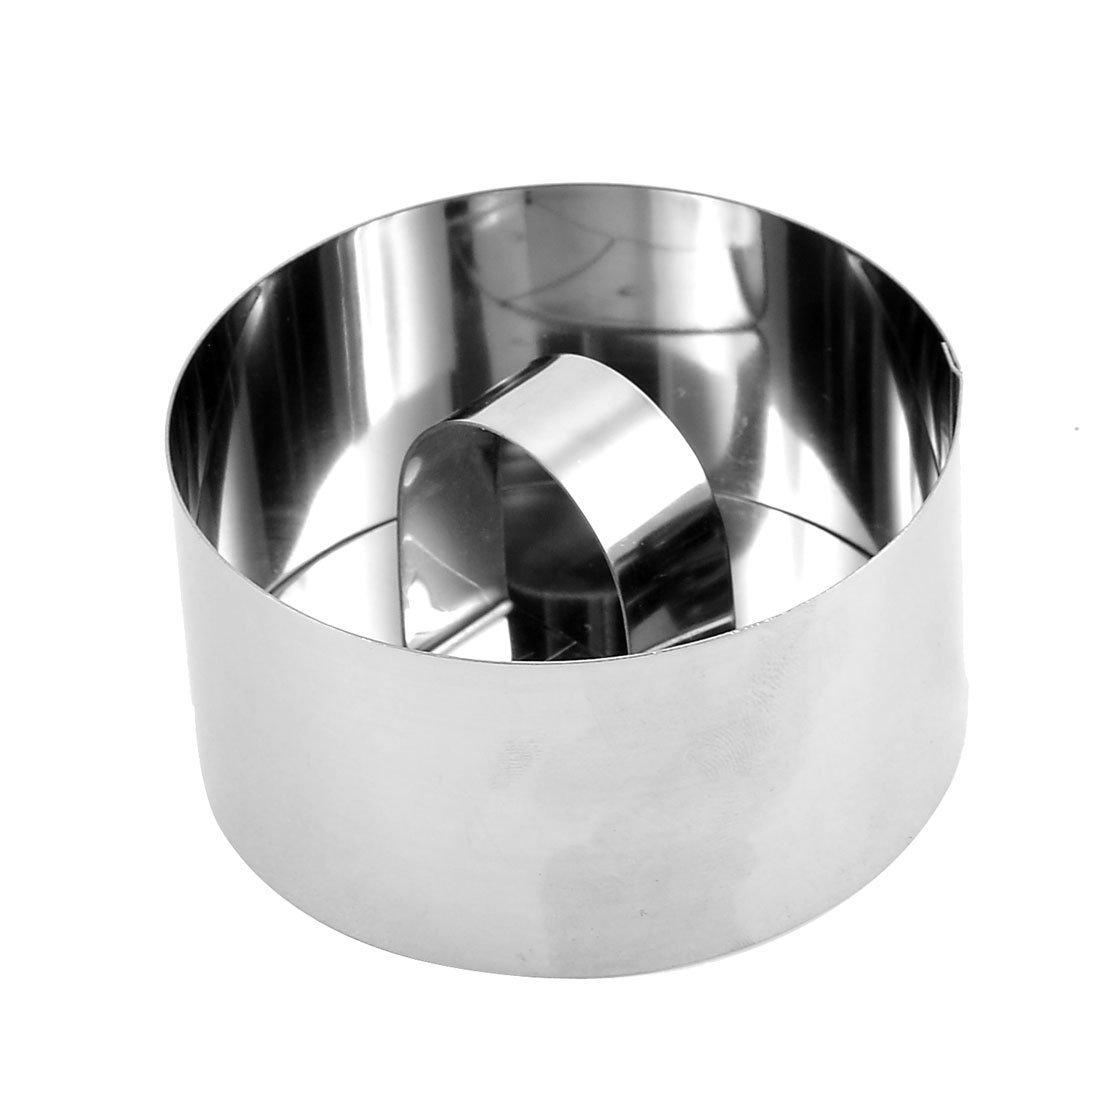 Amazon.com: Forma de acero inoxidable eDealMax Ronda de cookies herramienta Hornear Molde cortador w suave: Kitchen & Dining